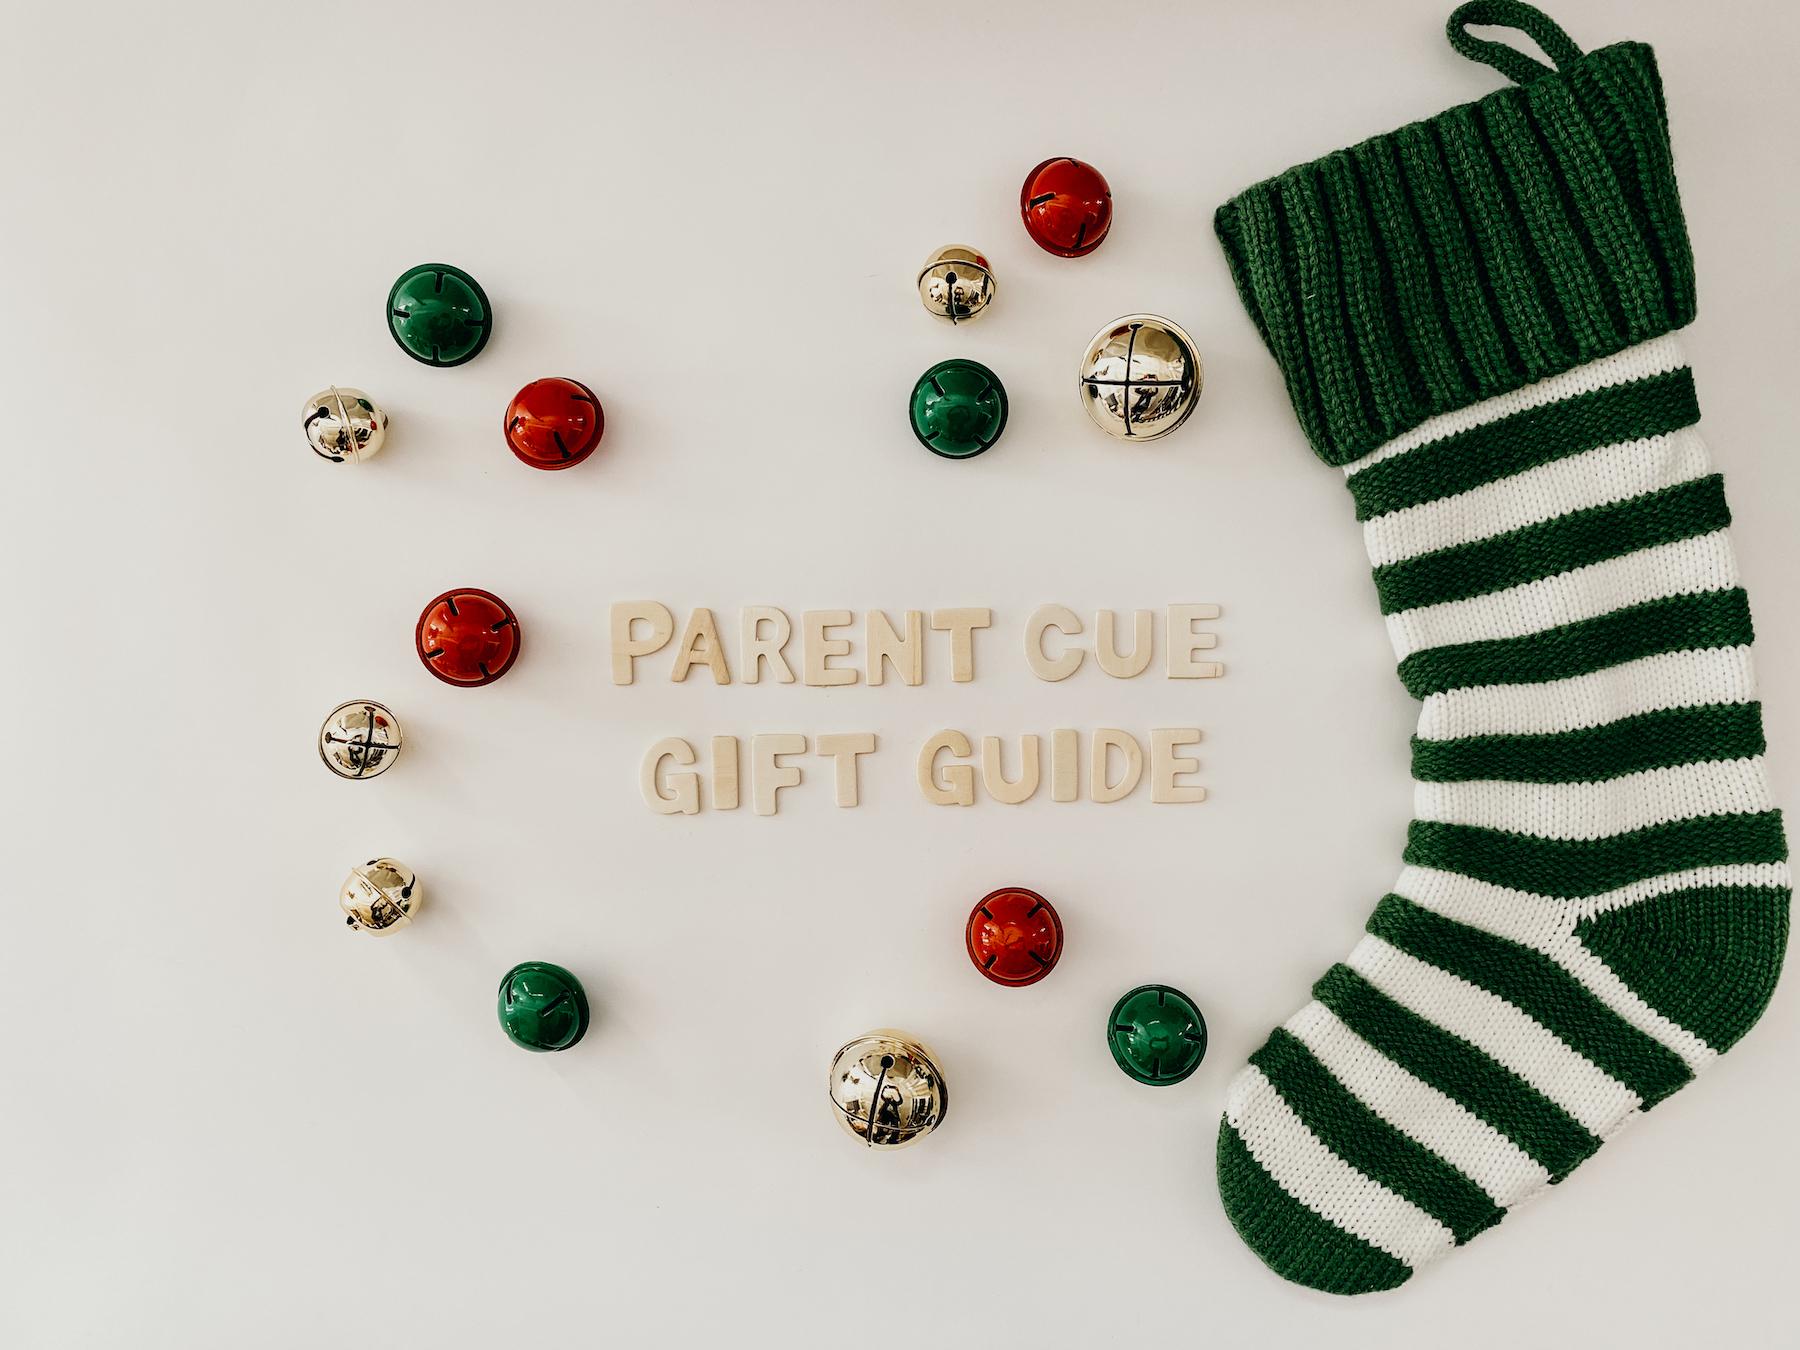 Parent Cue Gift Guide | Blog Header Image